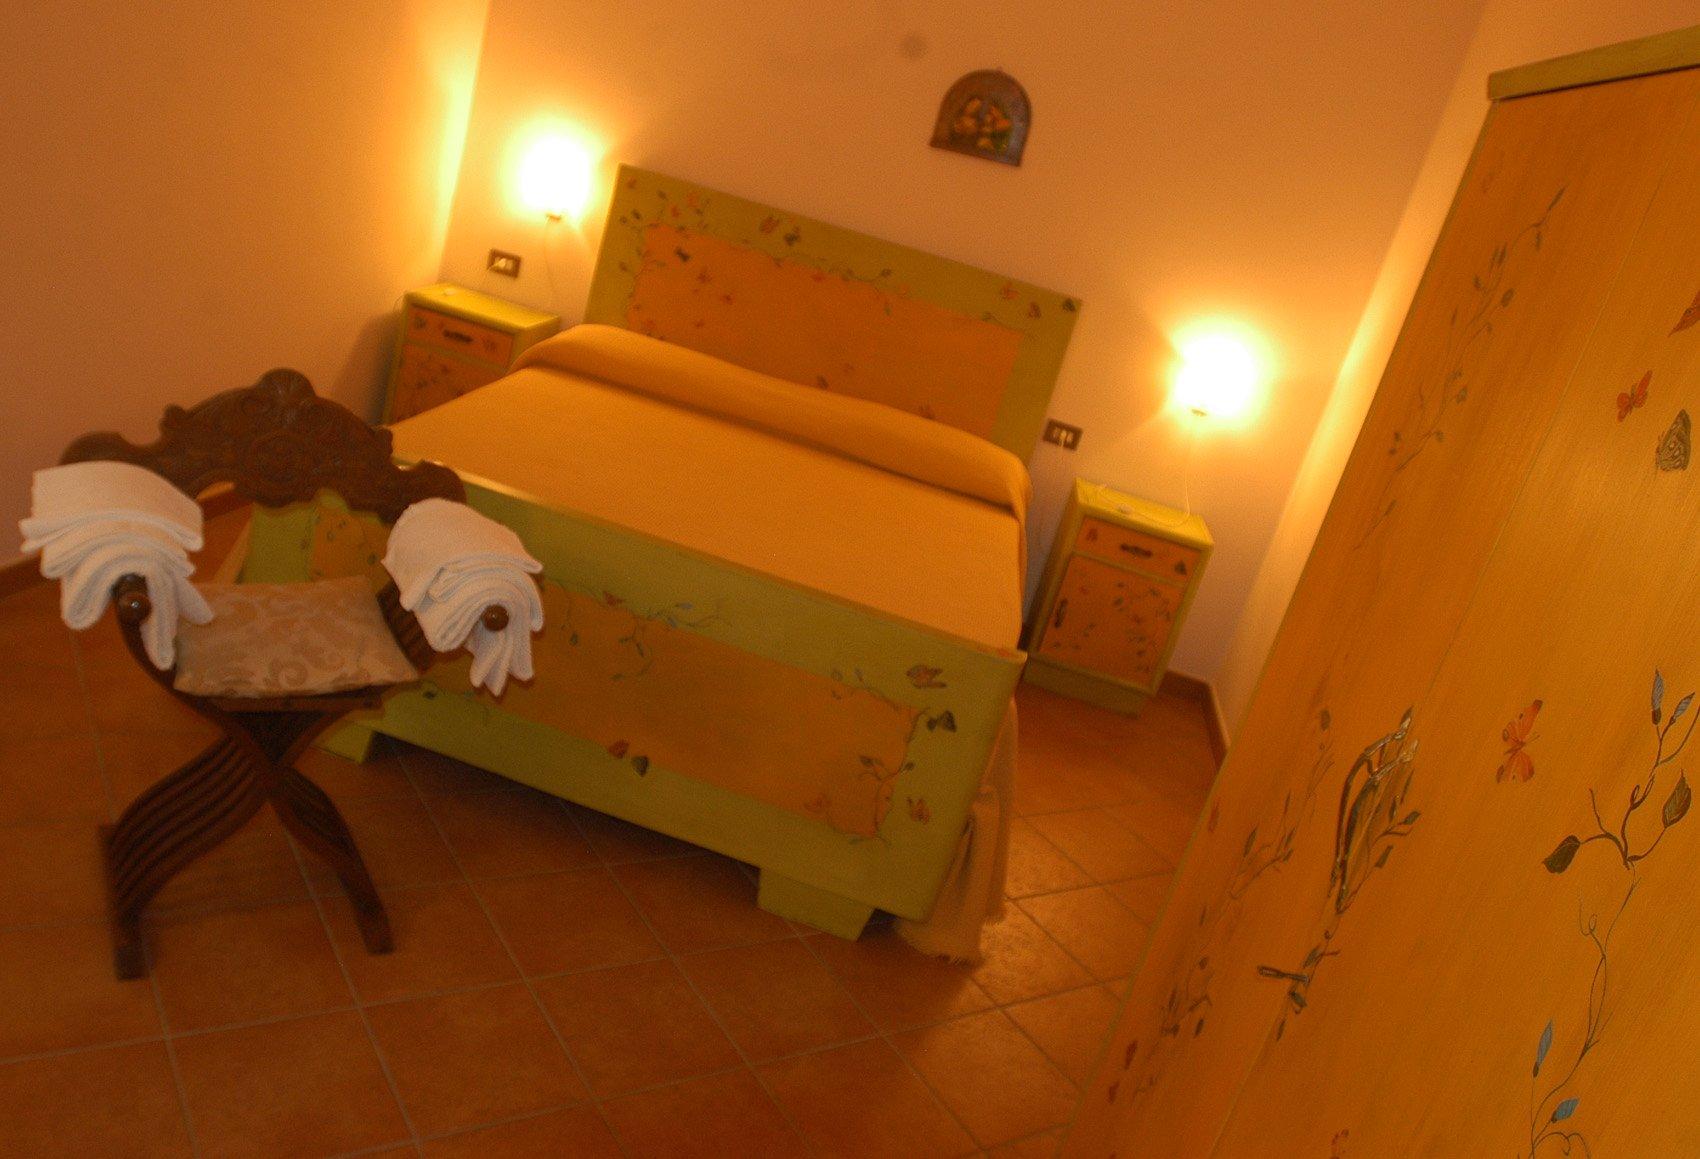 una camera con un letto, un armadio e comodini gialli